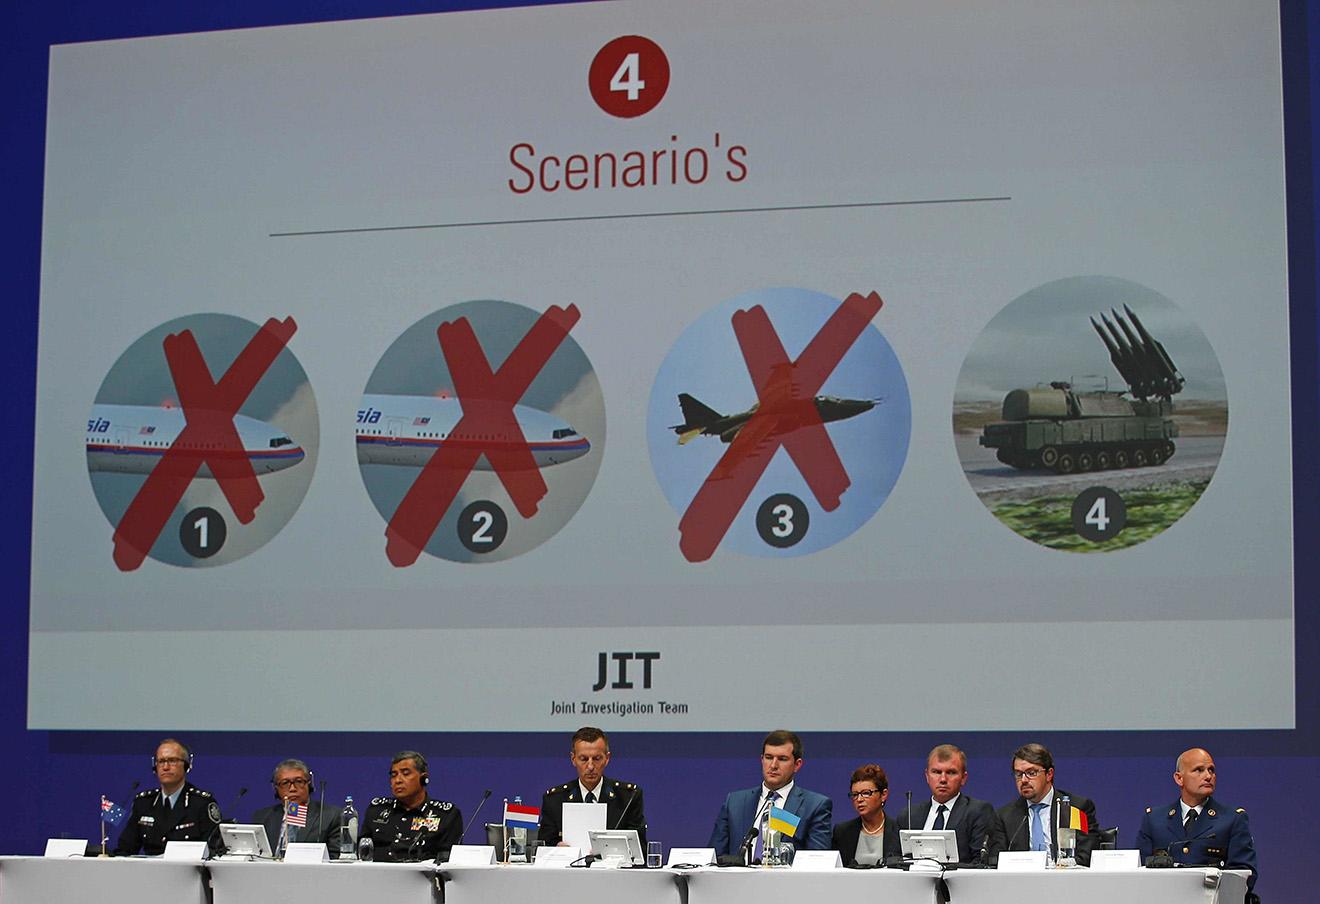 Пресс-конференция международной следственной группы по расследованию катастрофы малайзийского Boeing. Ньювейген, Нидерланды, 28 сентября 2016. Фото: Peter Dejong / AP / East News